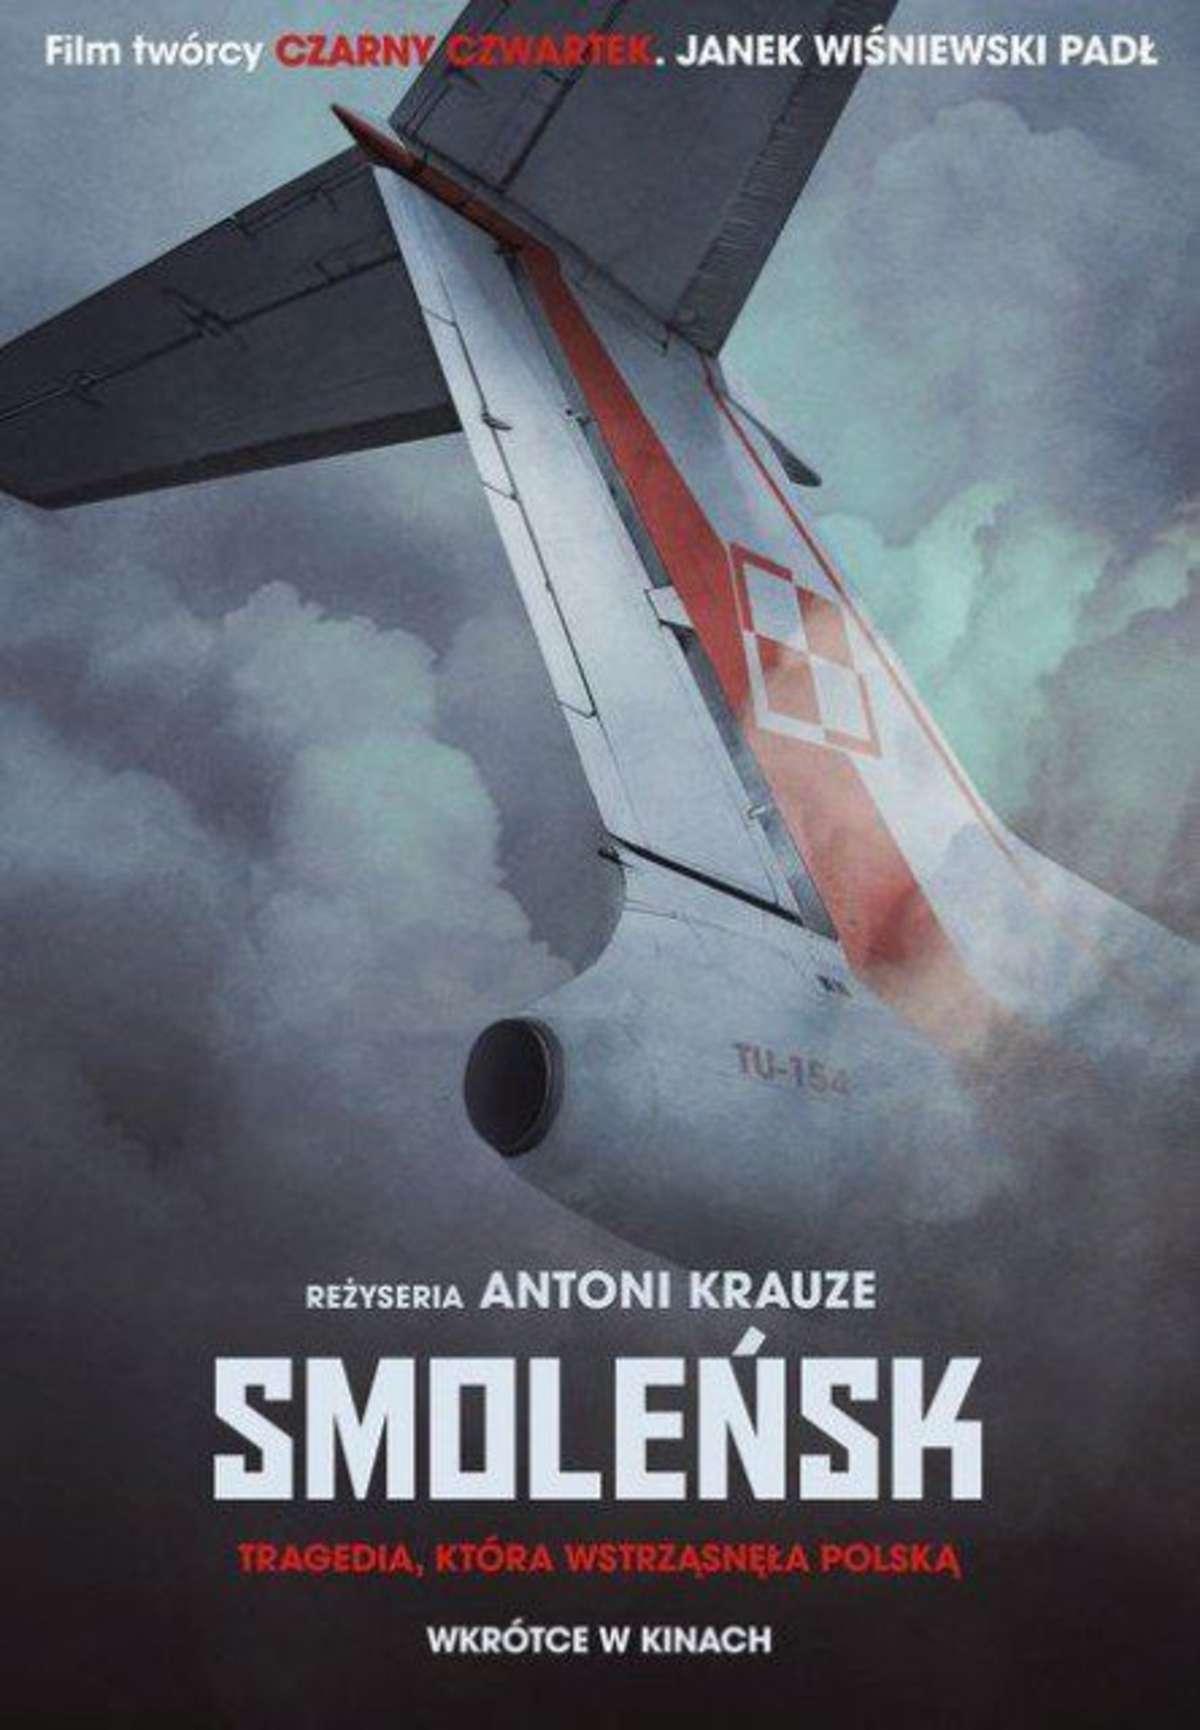 Smoleńsk z nowym trailerem  - full image